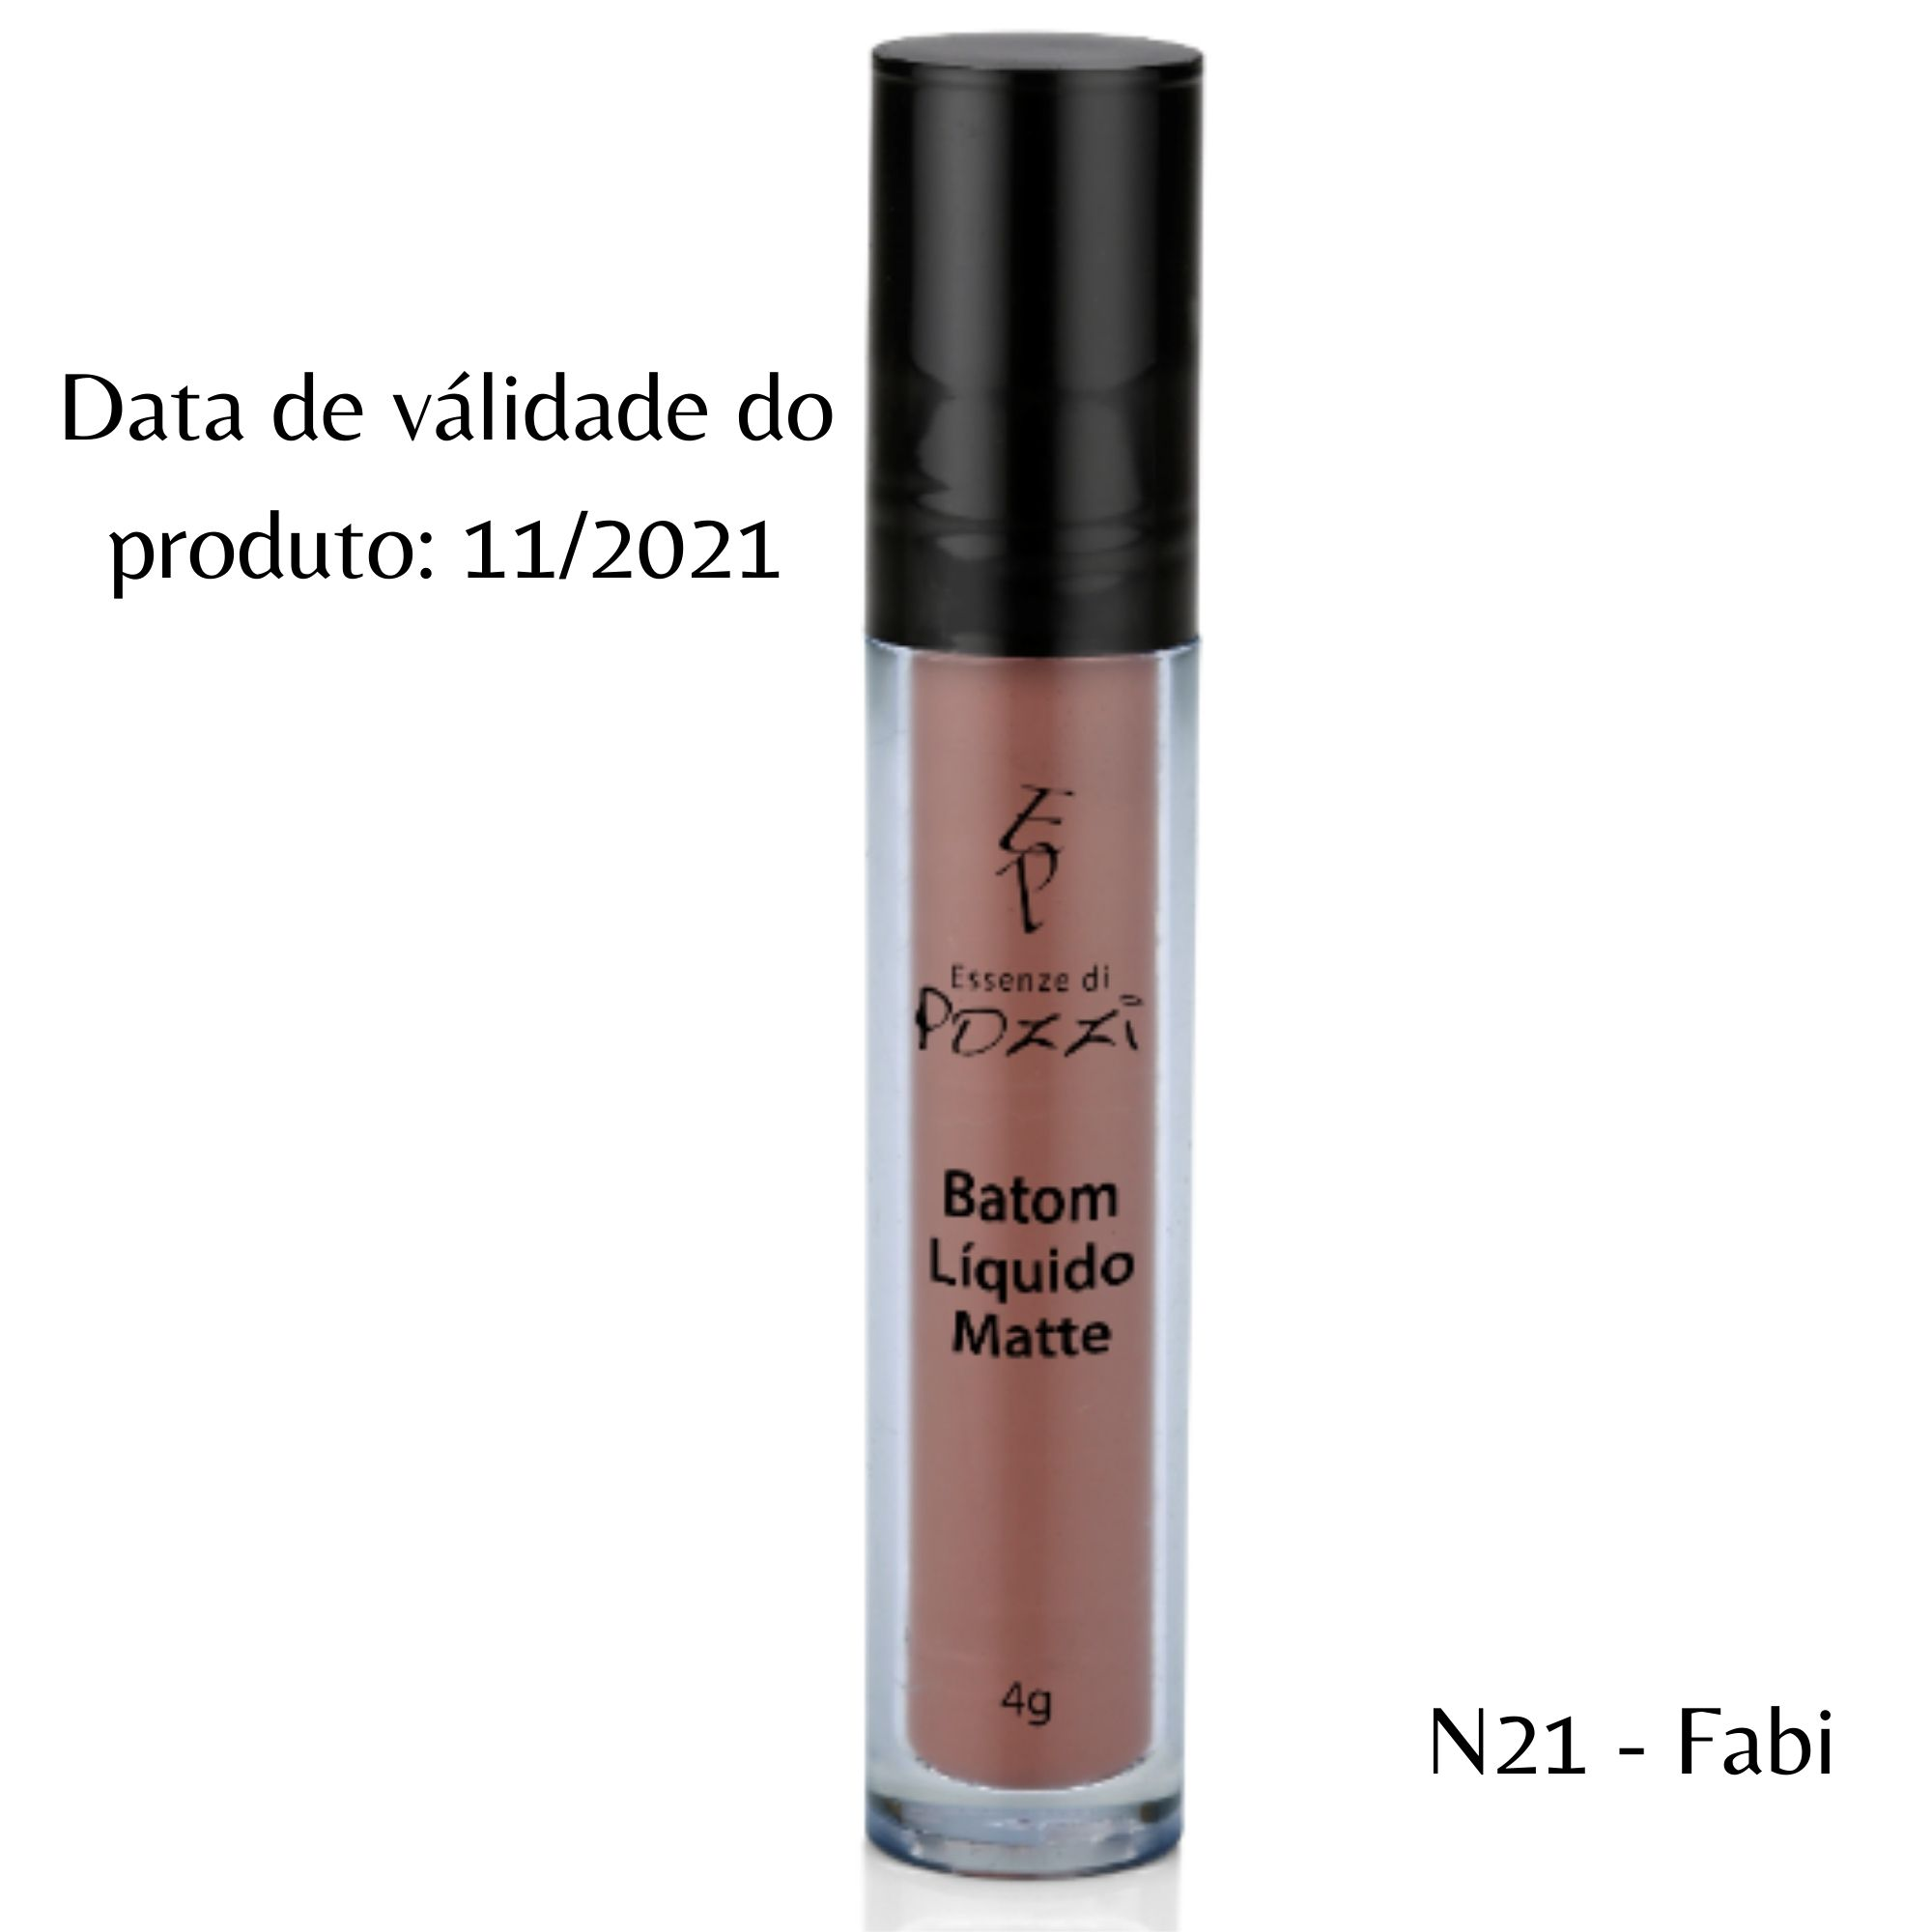 Pozzi - Batom Liquido Matte N° 21 Fabi - Válidade 11/2021